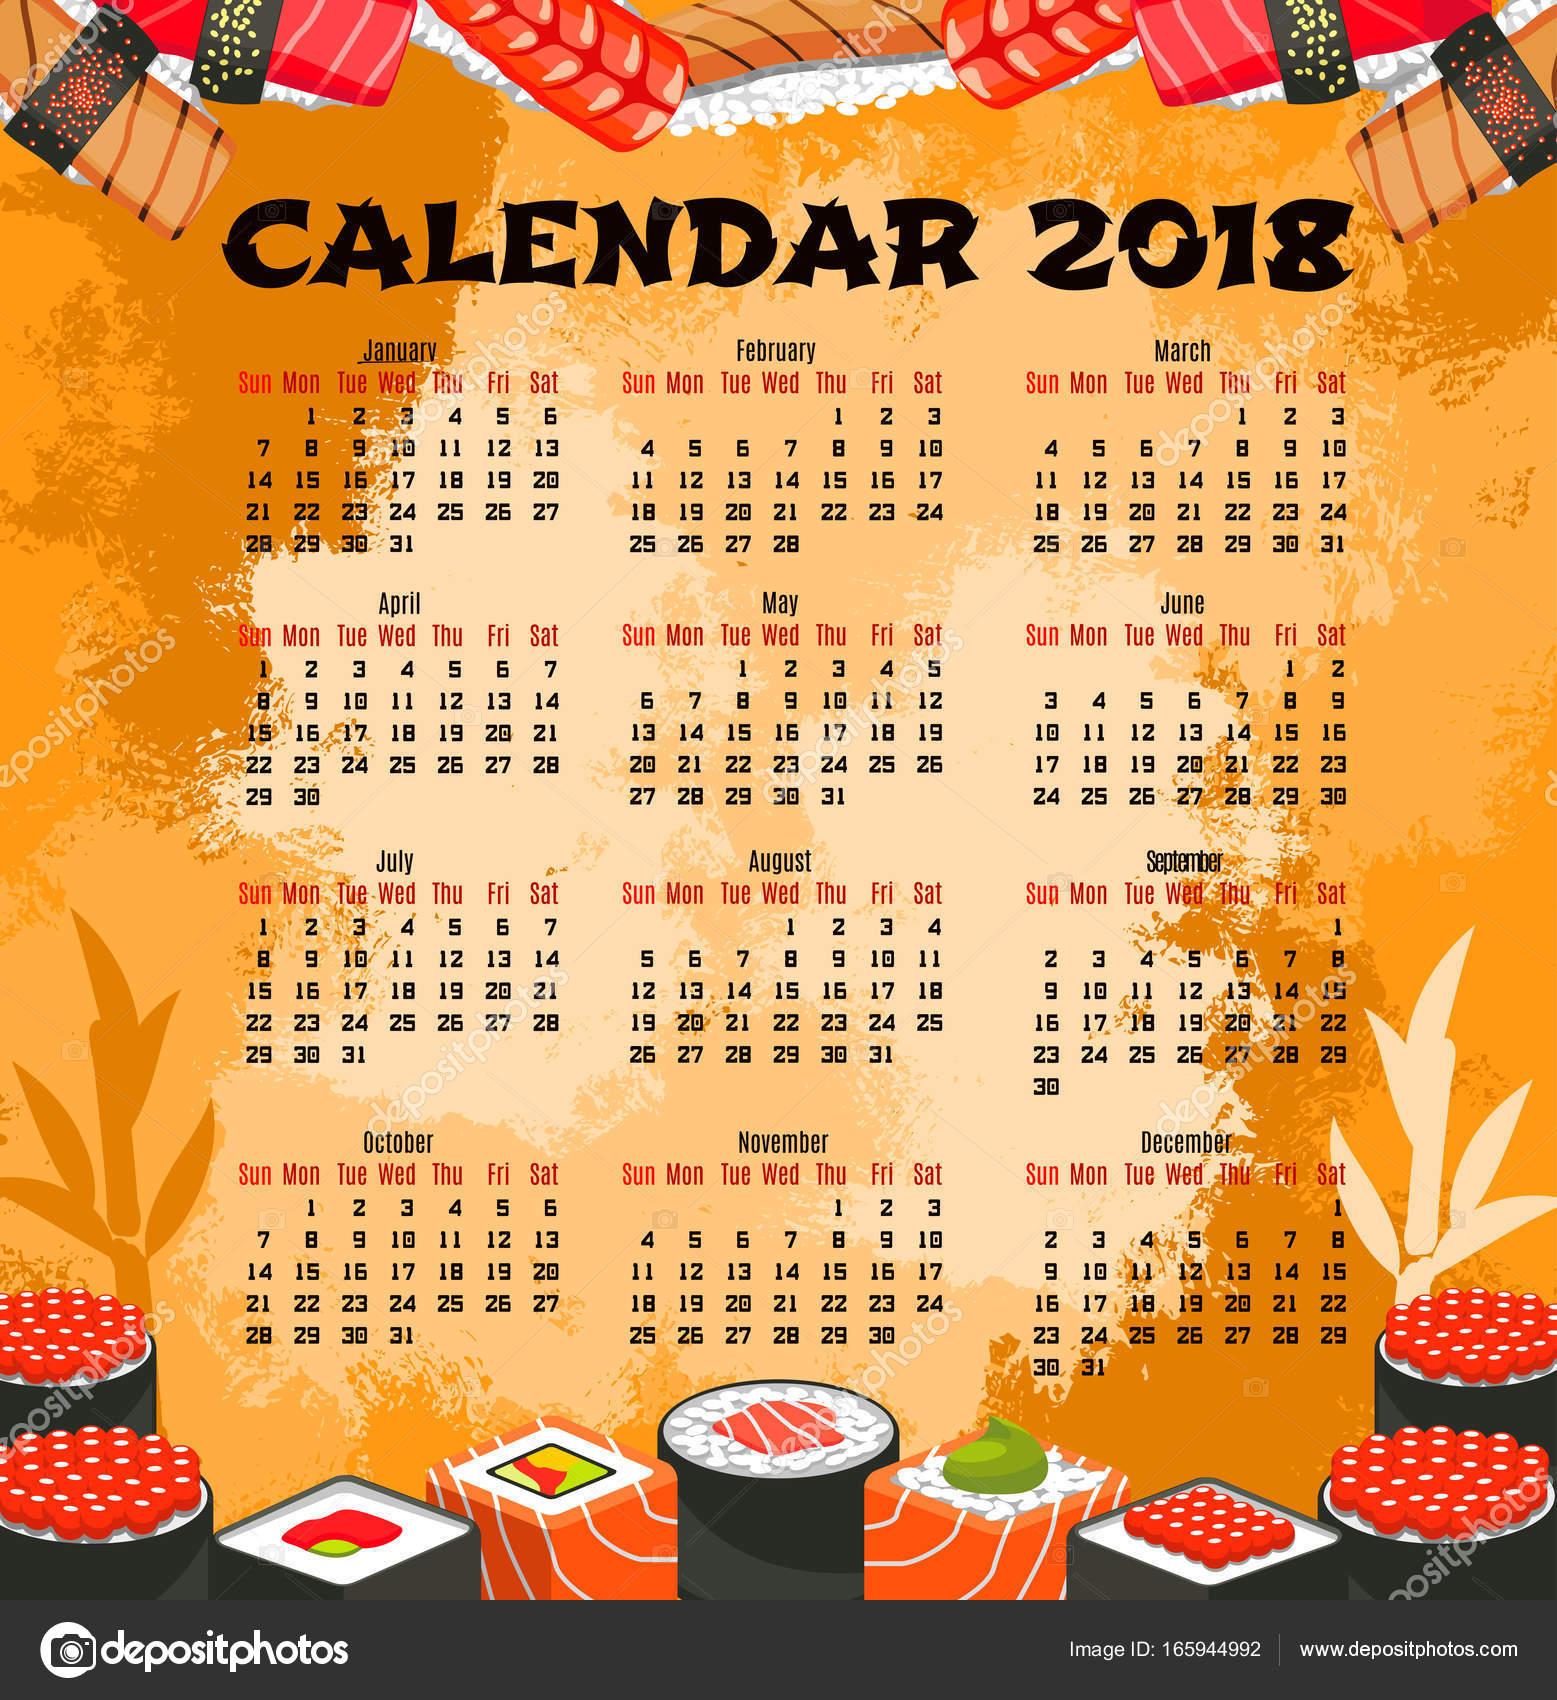 Calendario de sushi comida japonesa — Archivo Imágenes Vectoriales ...